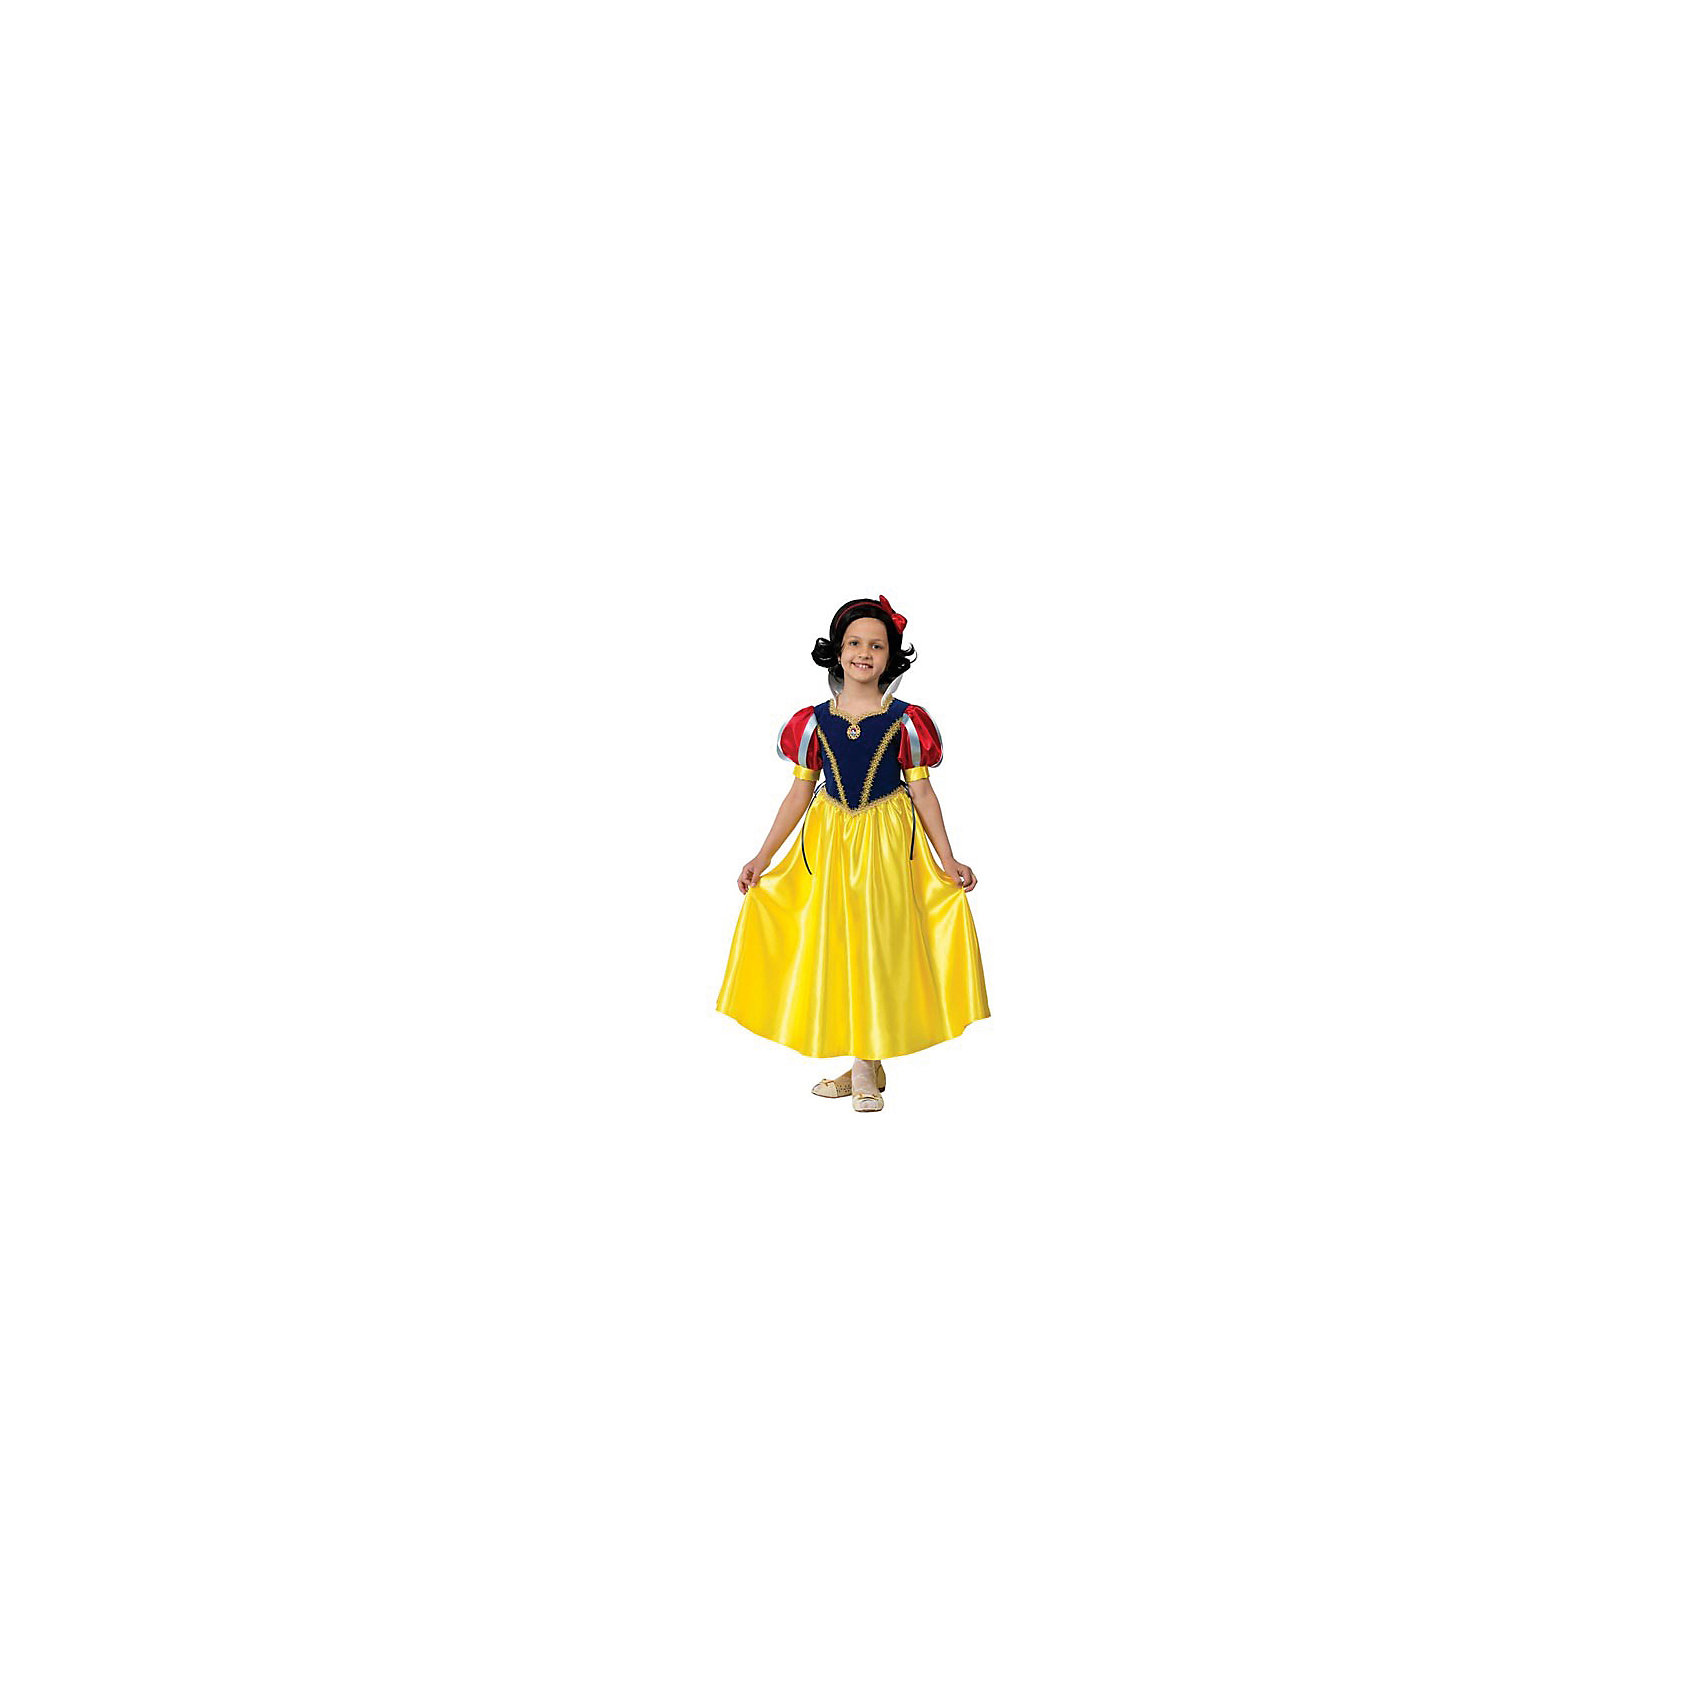 Карнавальный костюм Принцесса Белоснежка, БатикКарнавальные костюмы и аксессуары<br>Каждая девочка мечтает стать сказочной принцессой. Ваша малышка придет в восторг от этого прекрасного наряда. Все детали костюма отлично проработаны что позволяет создать органичный и узнаваемый образ принцессы Белоснежки. Позвольте девочке почувствовать себя королевой вечера и получить настоящее удовольствие от самого волшебного праздника в году! Костюм выполнен из высококачественных экологичных материалов, в производстве ткани использованы только безопасные, гипоаллергенные красители.<br><br>Дополнительная информация:<br><br>- Материал: текстиль, пластик.<br>- Цвет: красный, желтый, синий. <br>- Комплектация: платье, парик, брошь, ободок с бантом.<br>- Декоративные элементы: тесьма.<br>- Параметры для размера 30:<br>- обхват груди: 60 см.<br>- рост: 116 см.<br><br>Карнавальный костюм Принцесса Белоснежка, Батик, можно купить в нашем магазине.<br><br>Ширина мм: 500<br>Глубина мм: 50<br>Высота мм: 700<br>Вес г: 600<br>Цвет: разноцветный<br>Возраст от месяцев: 60<br>Возраст до месяцев: 72<br>Пол: Женский<br>Возраст: Детский<br>Размер: 28<br>SKU: 4412743